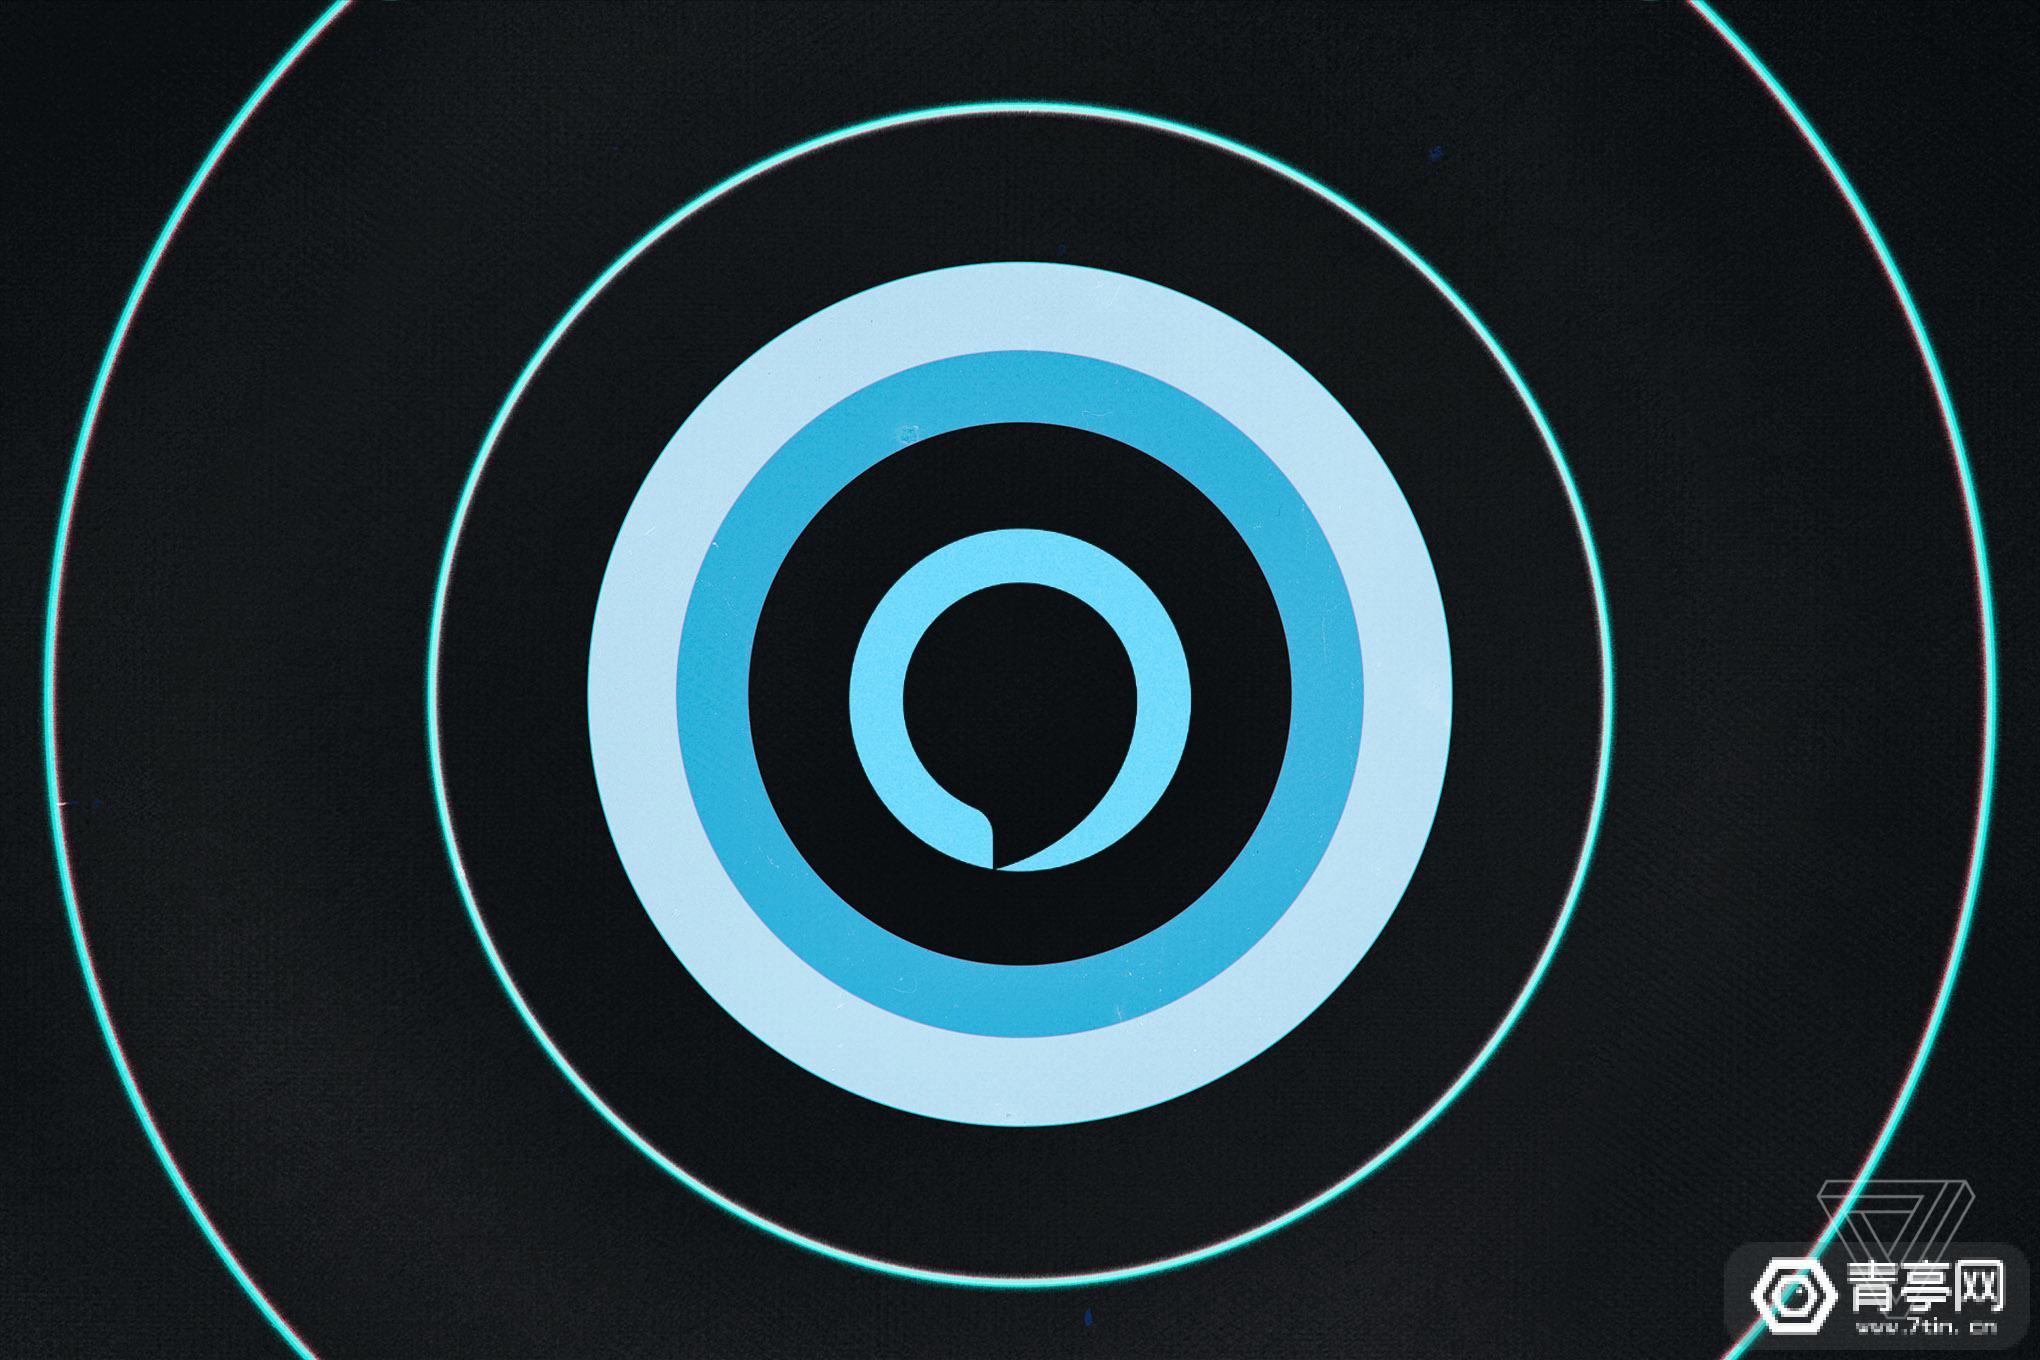 微软、亚马逊推出整合语音助手预览版,Cortana和Alexa可互相唤醒